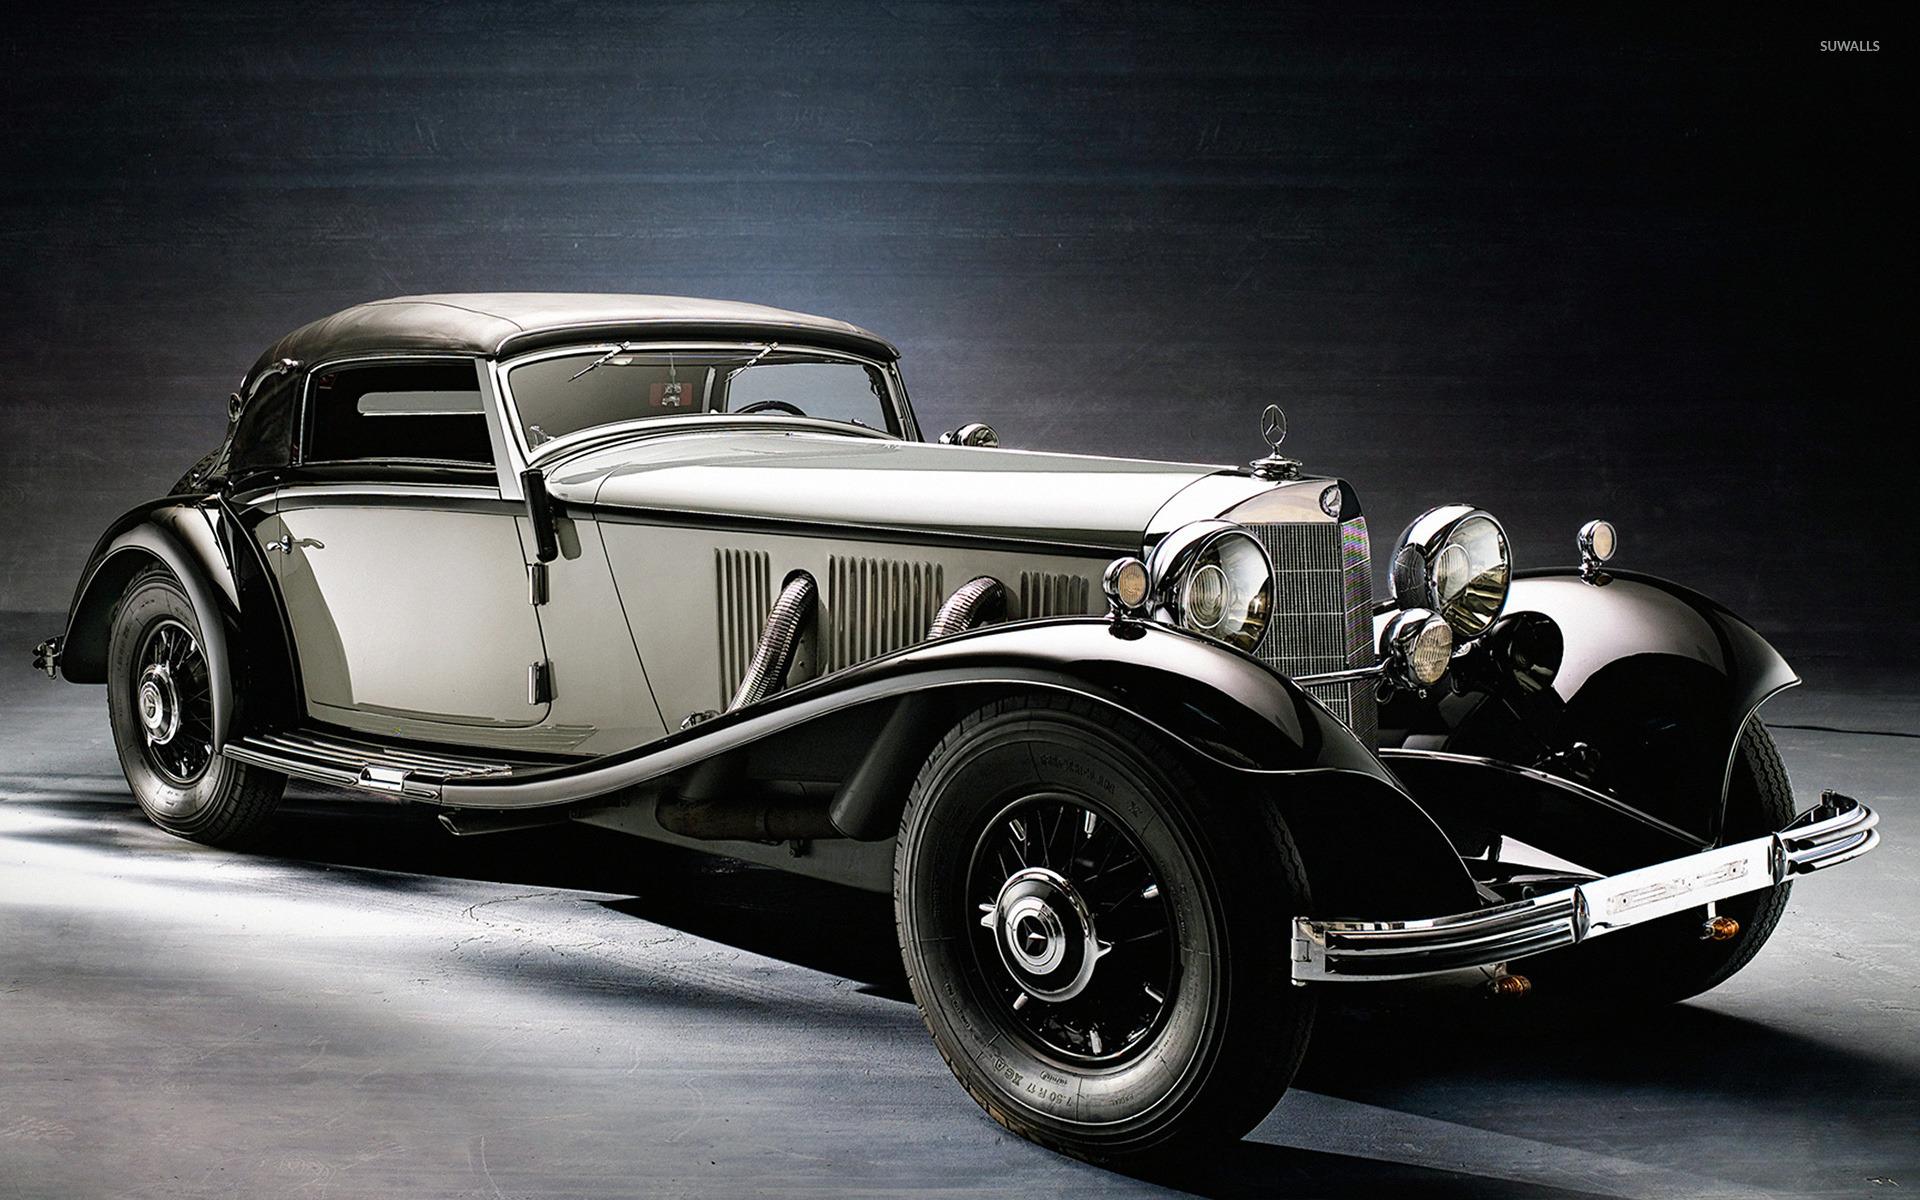 Mercedes benz 500k wallpaper car wallpapers 43526 for Mercedes benz retro